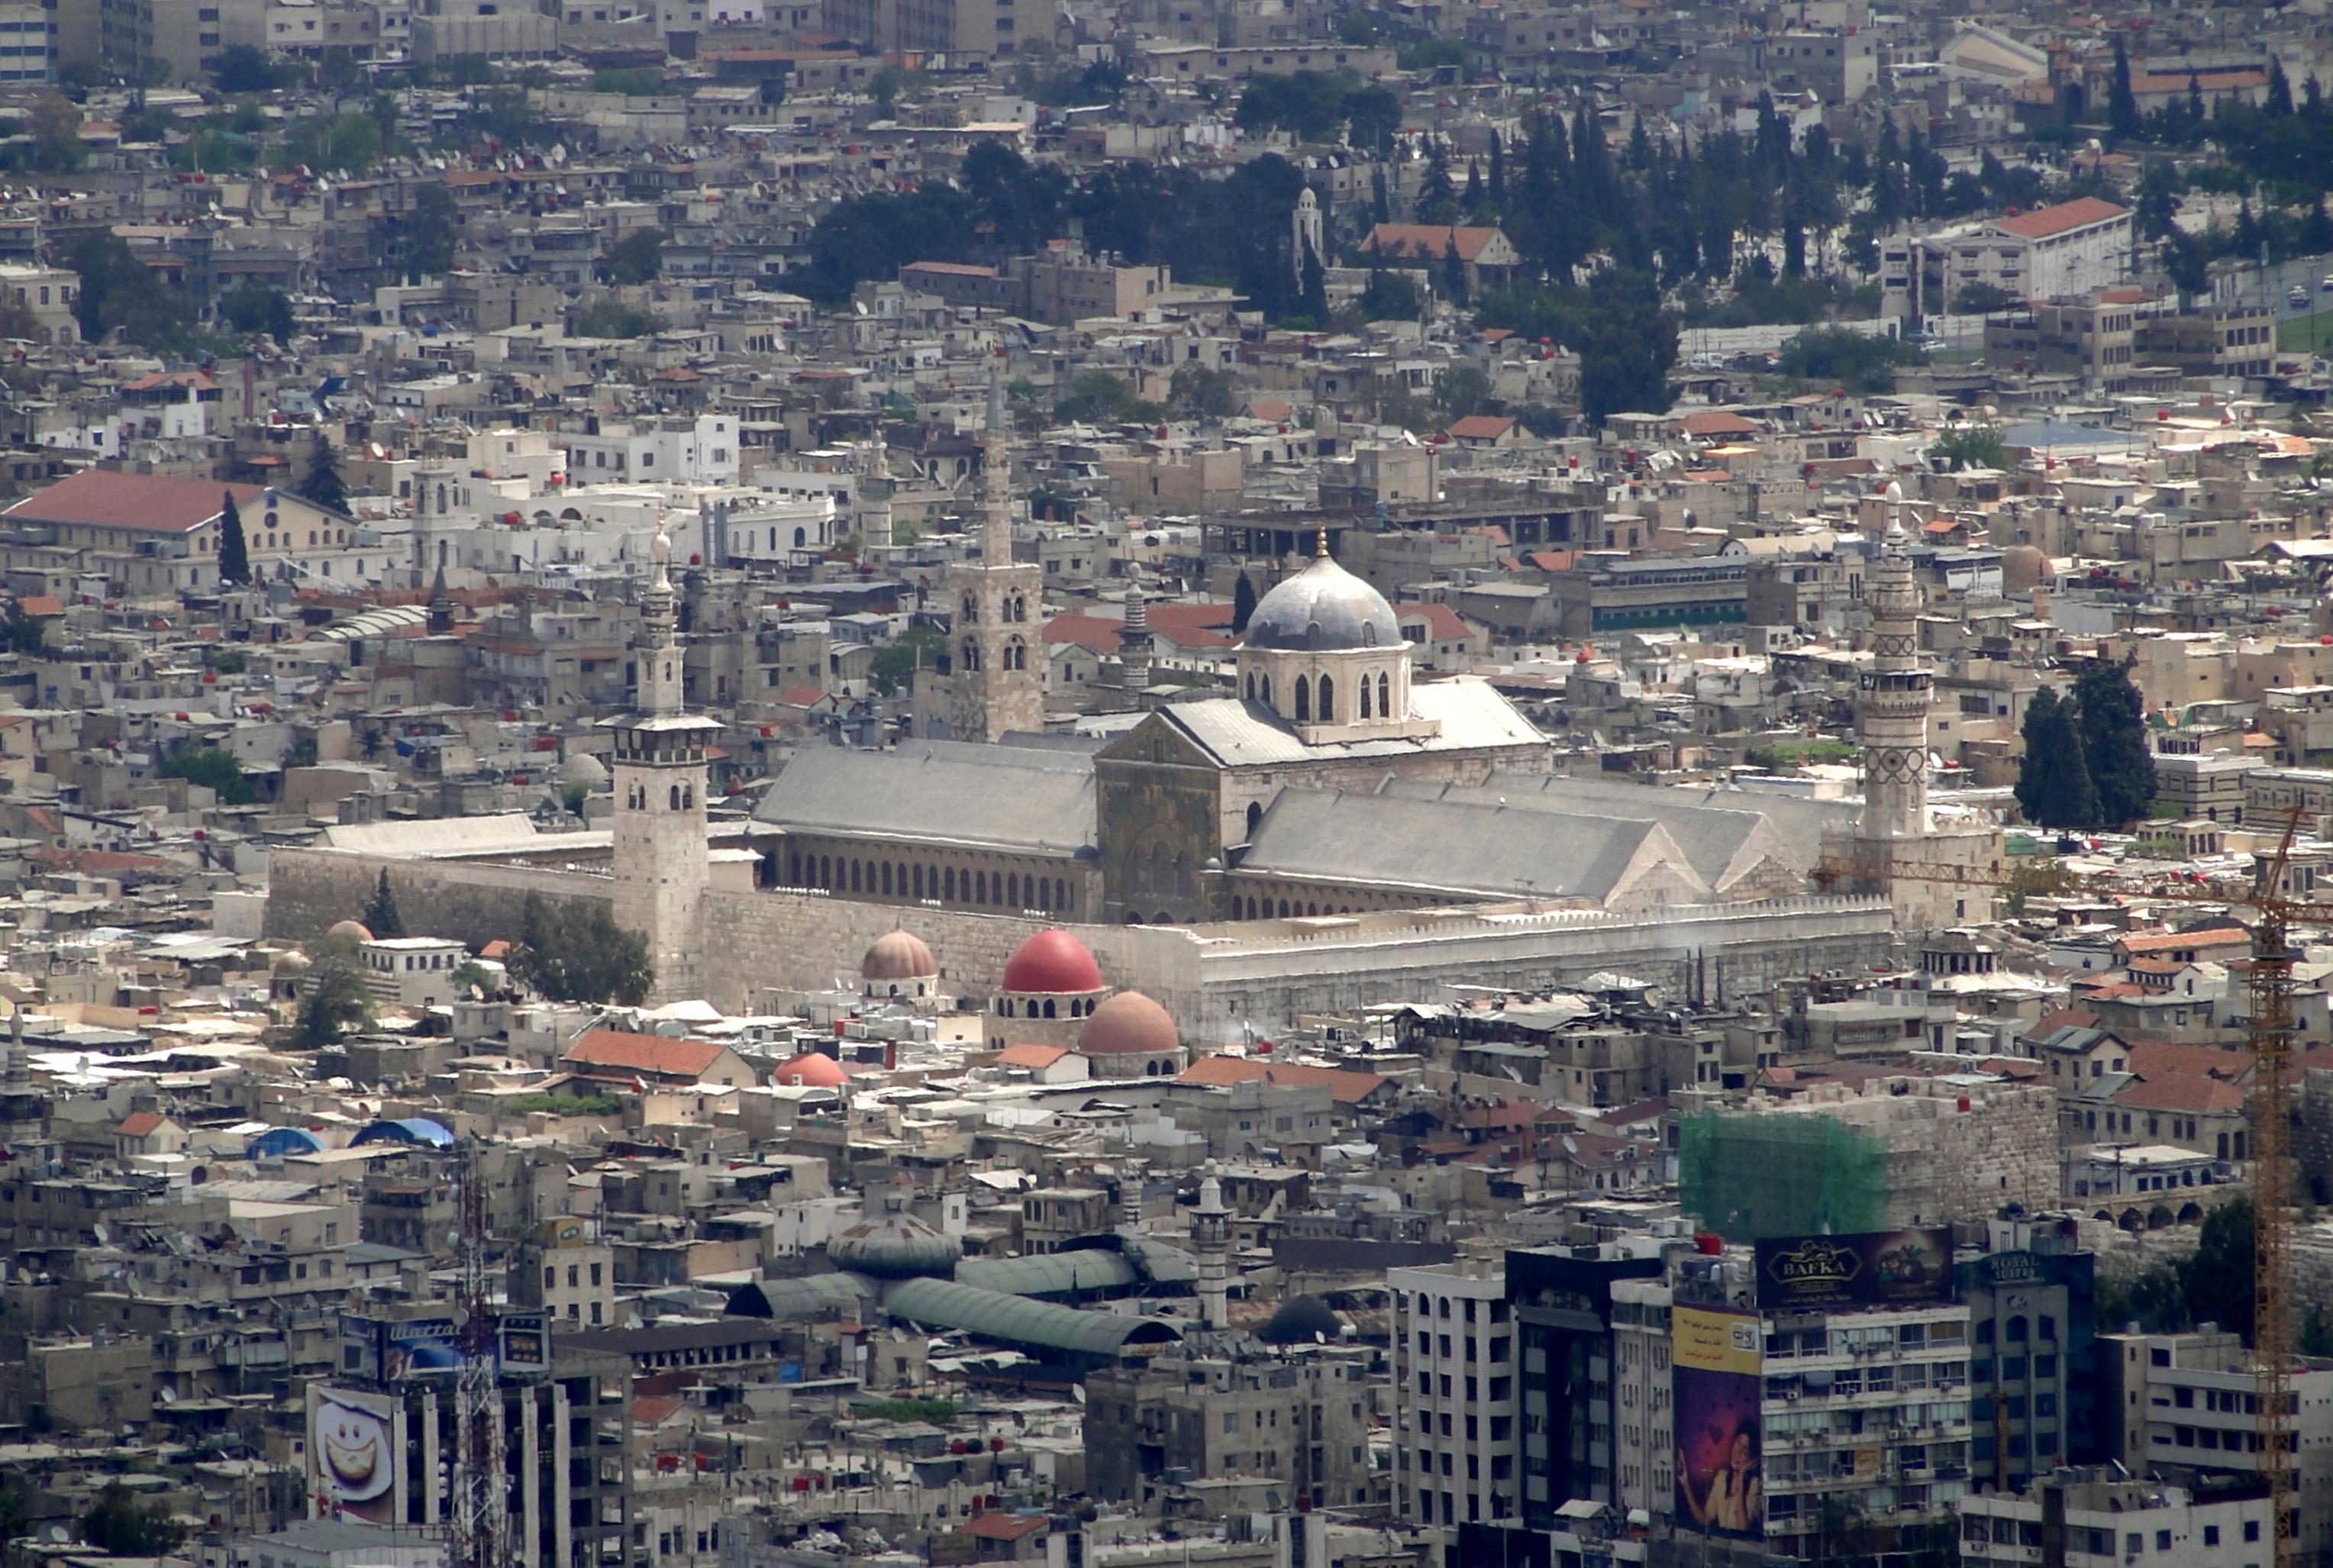 Il Portico Di Sam umayyad mosque - wikipedia